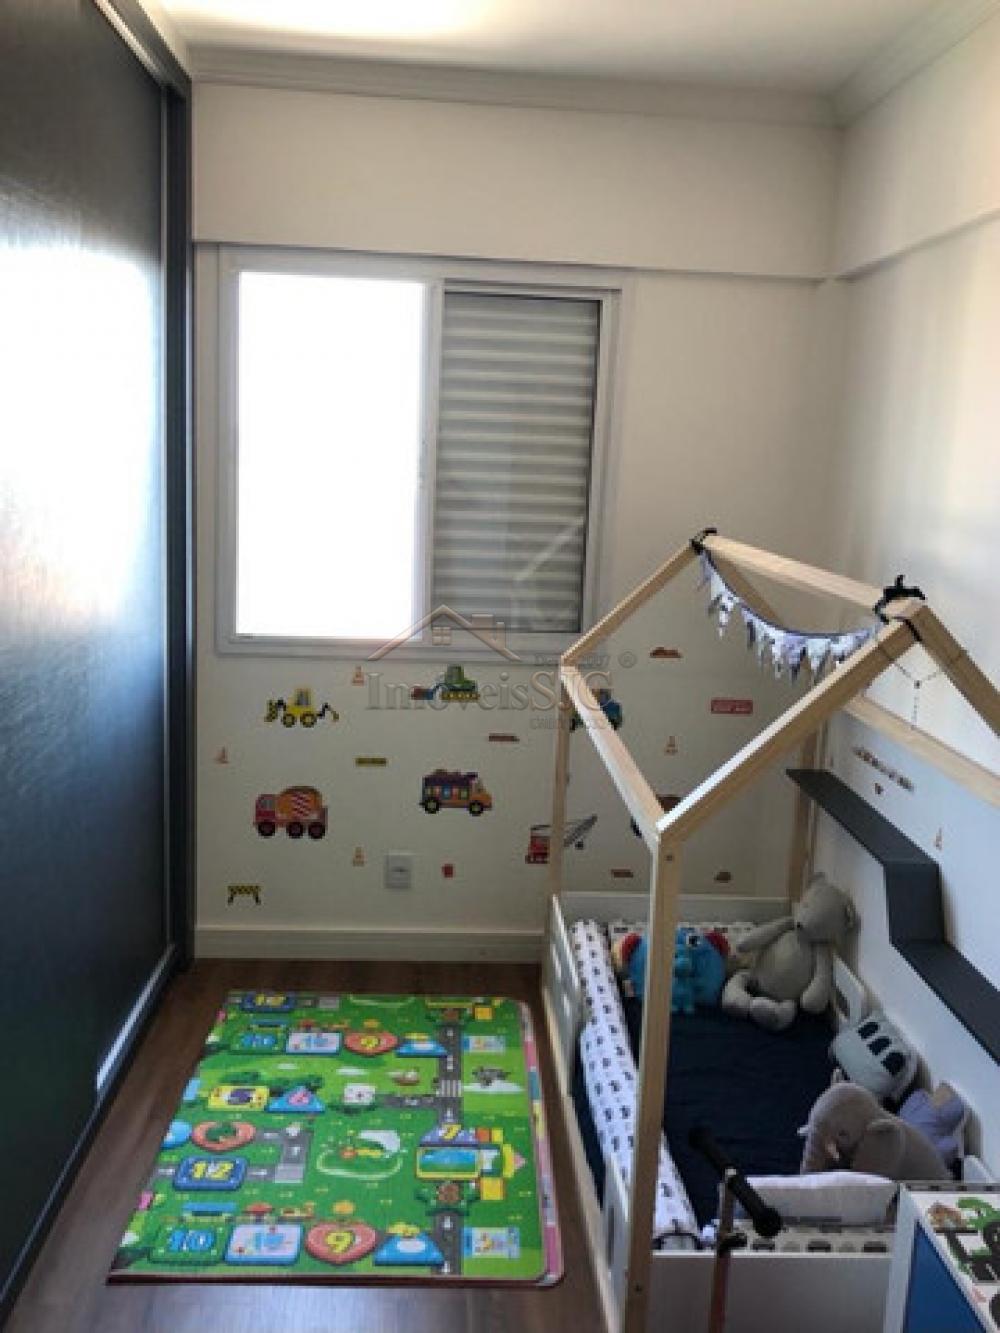 Comprar Apartamentos / Padrão em São José dos Campos R$ 392.000,00 - Foto 11